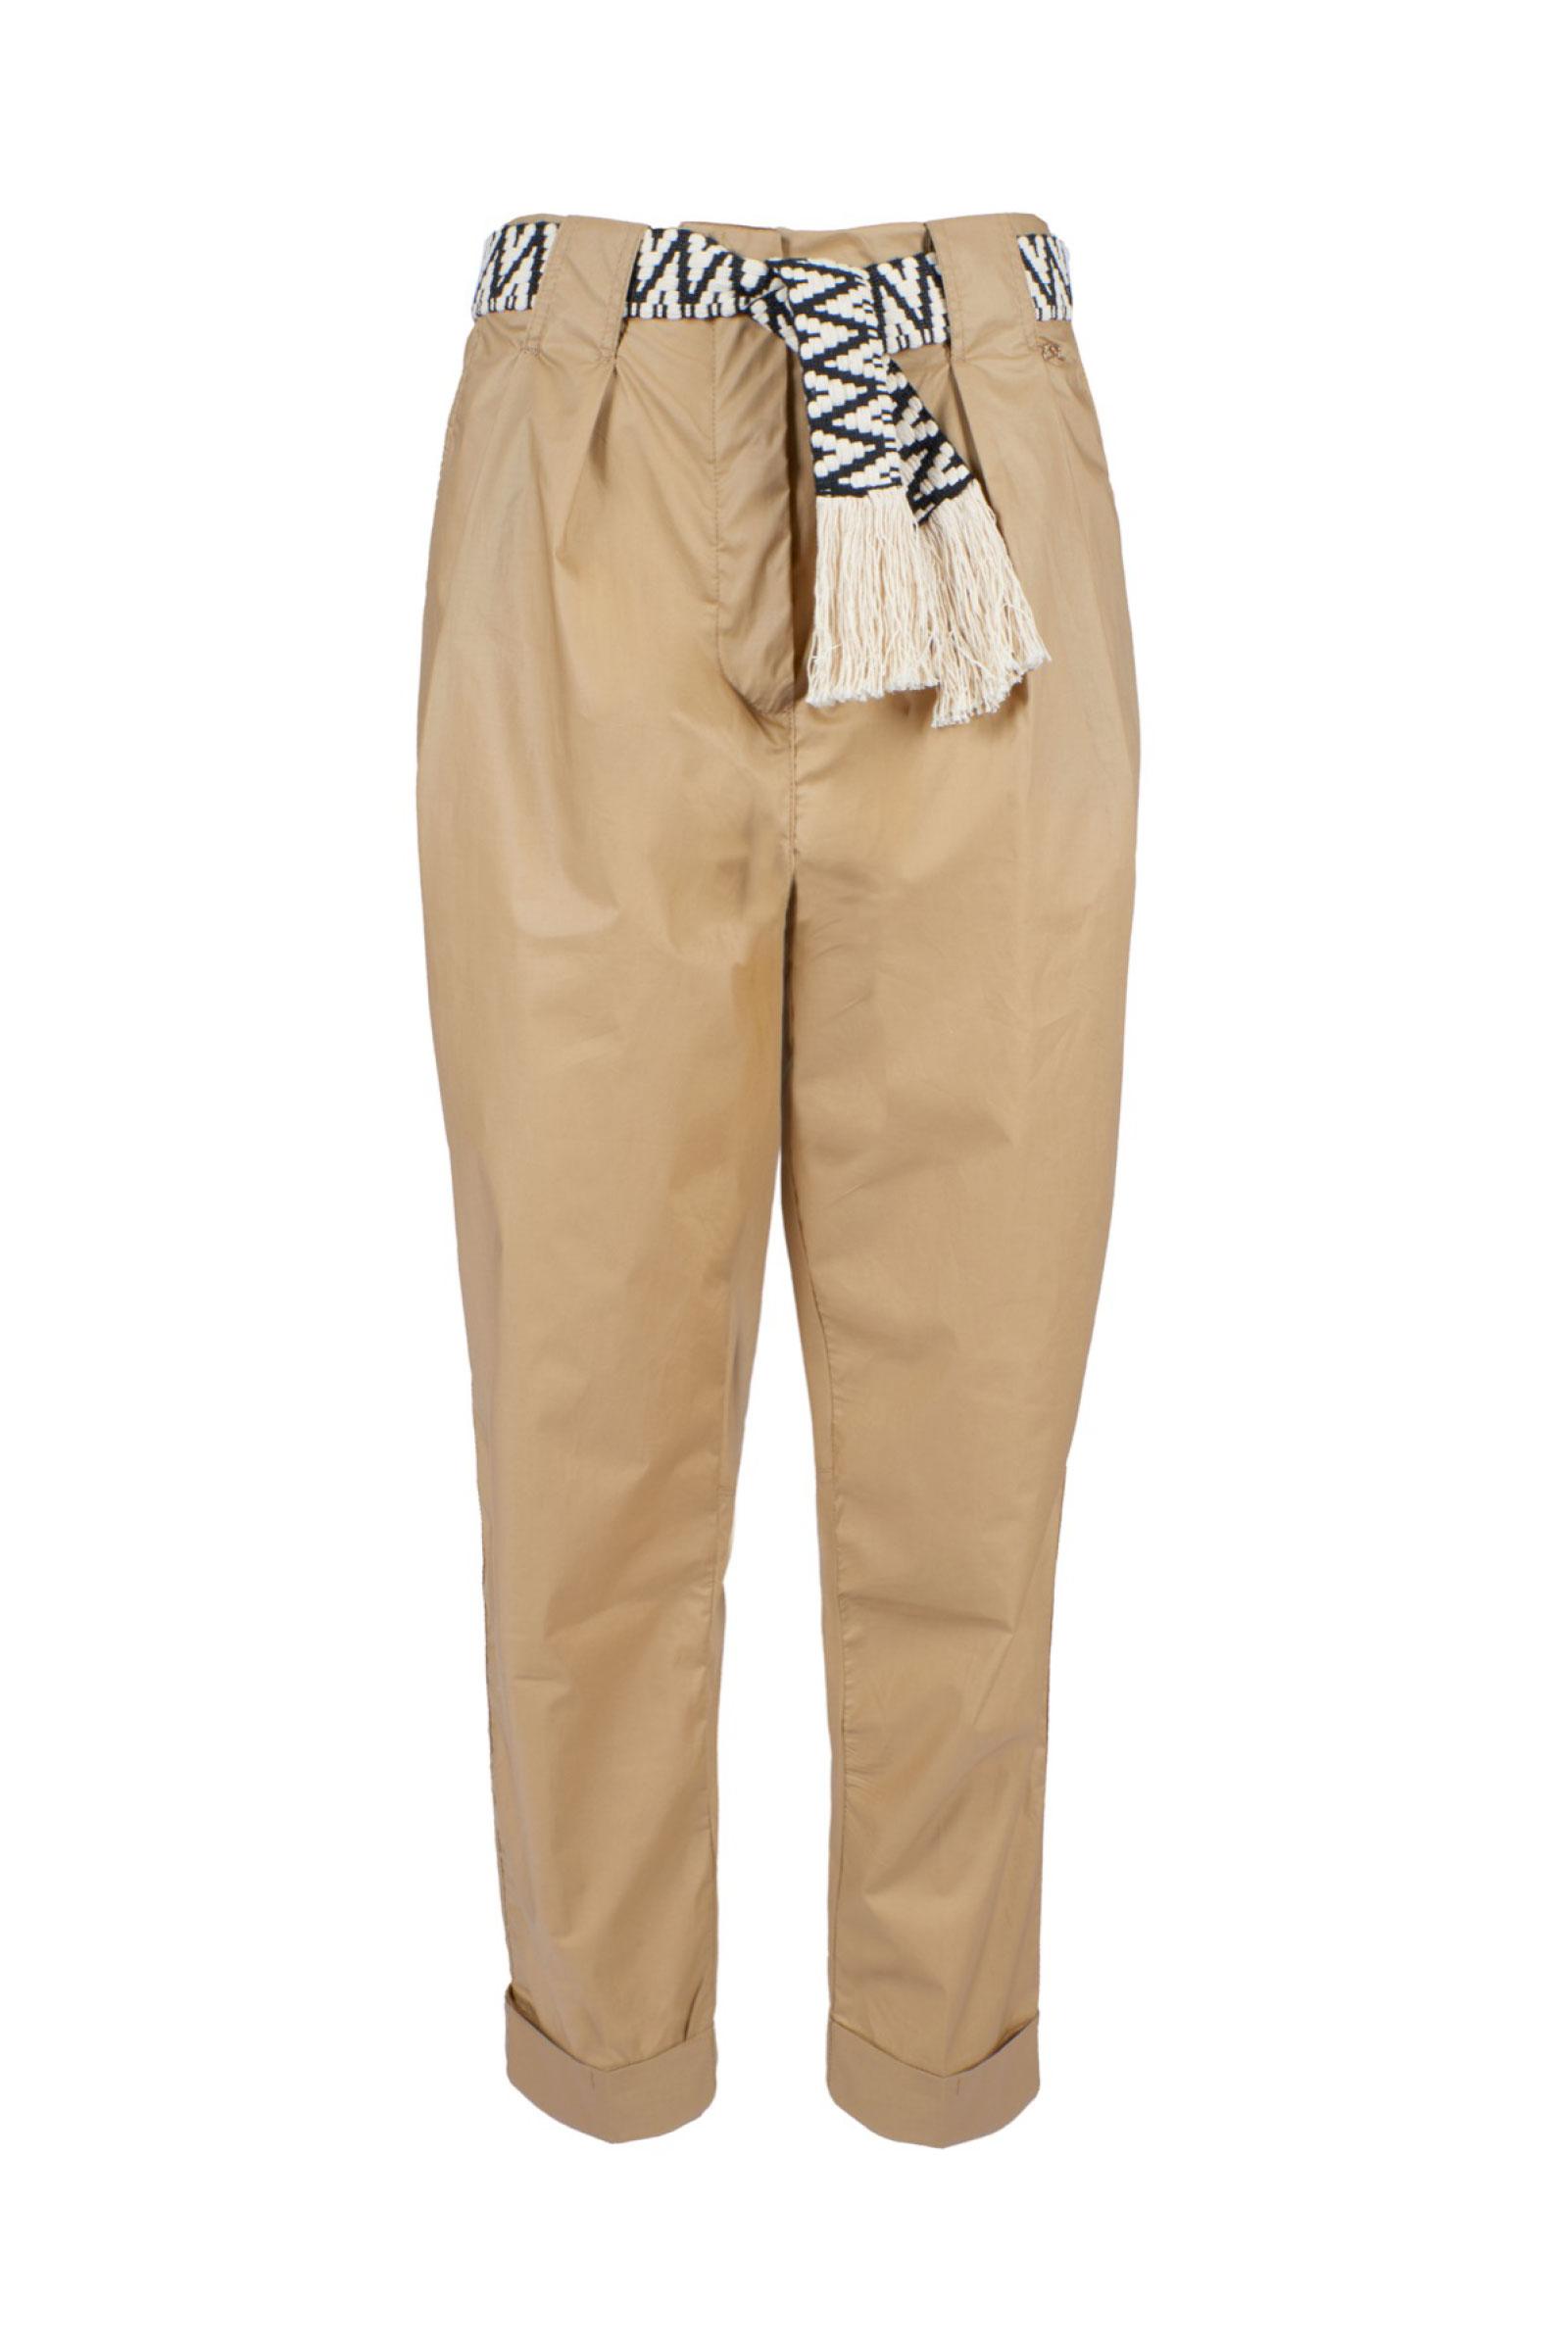 YES.ZEE | Trousers | P358 EN000223